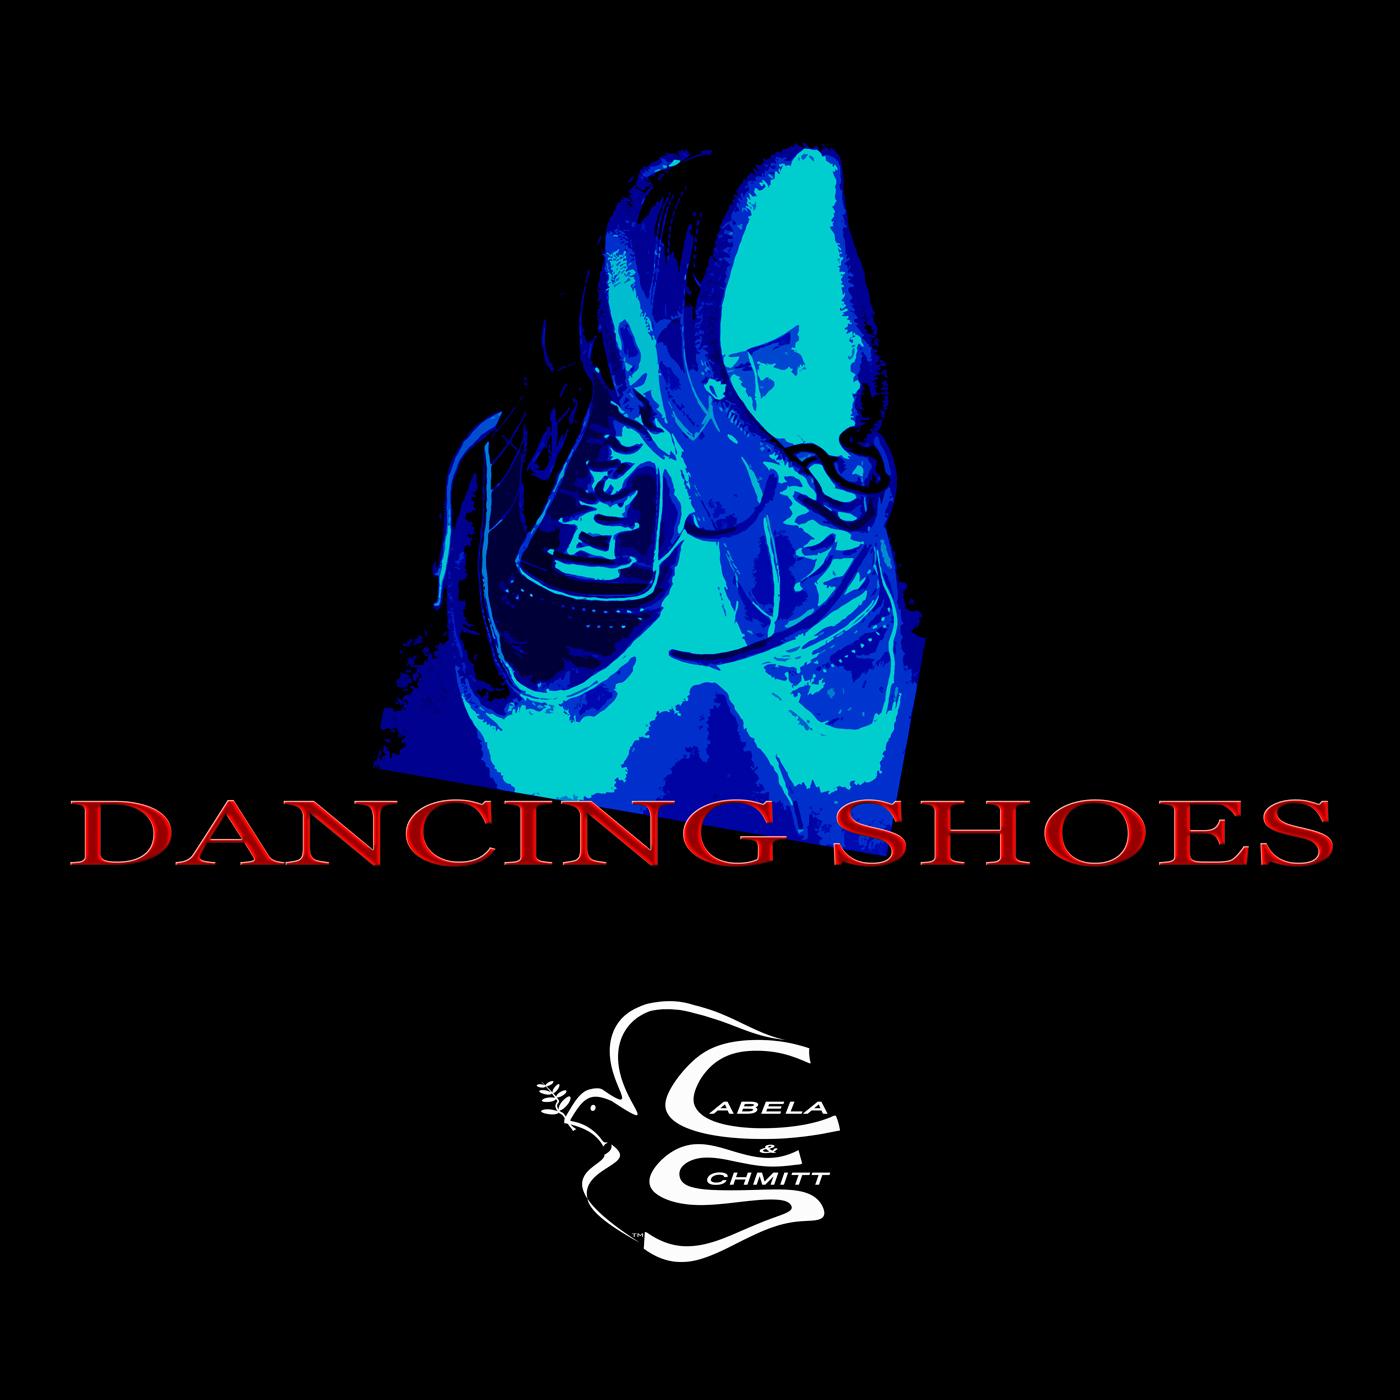 Cabela and Schmitt Dancing-Shoes-cover-1400.jpg